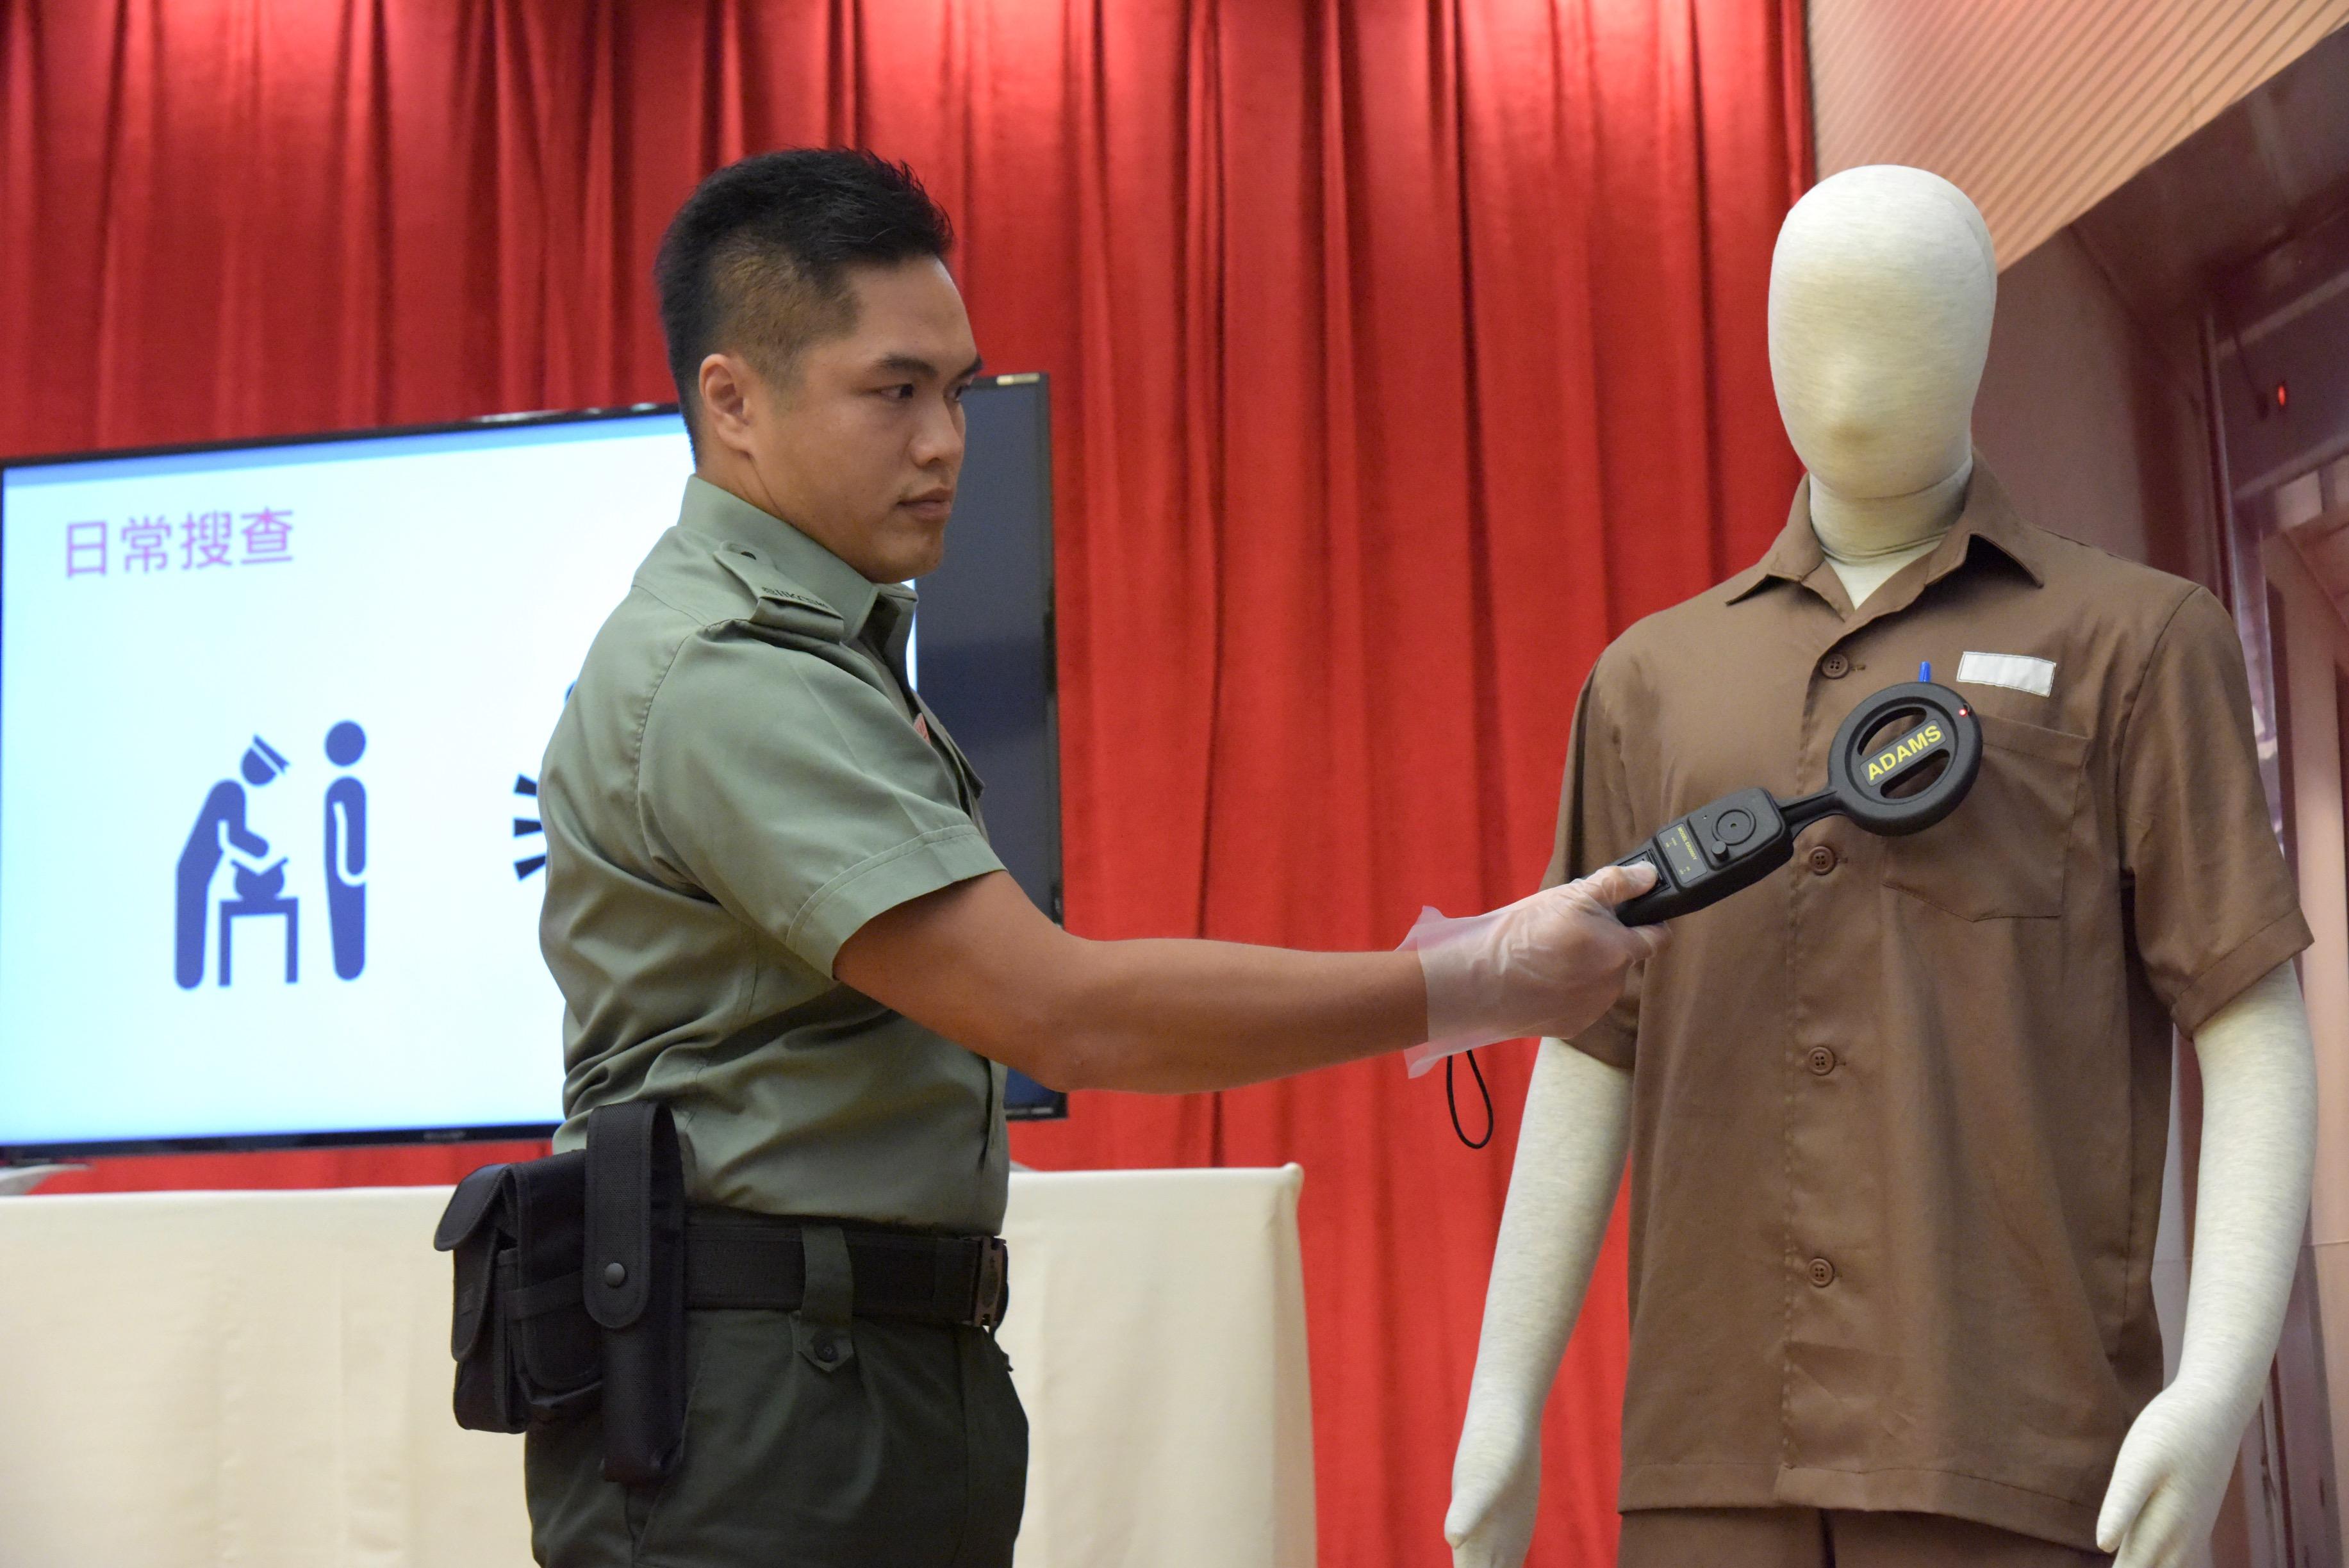 香港懲教人員模擬日常檢查